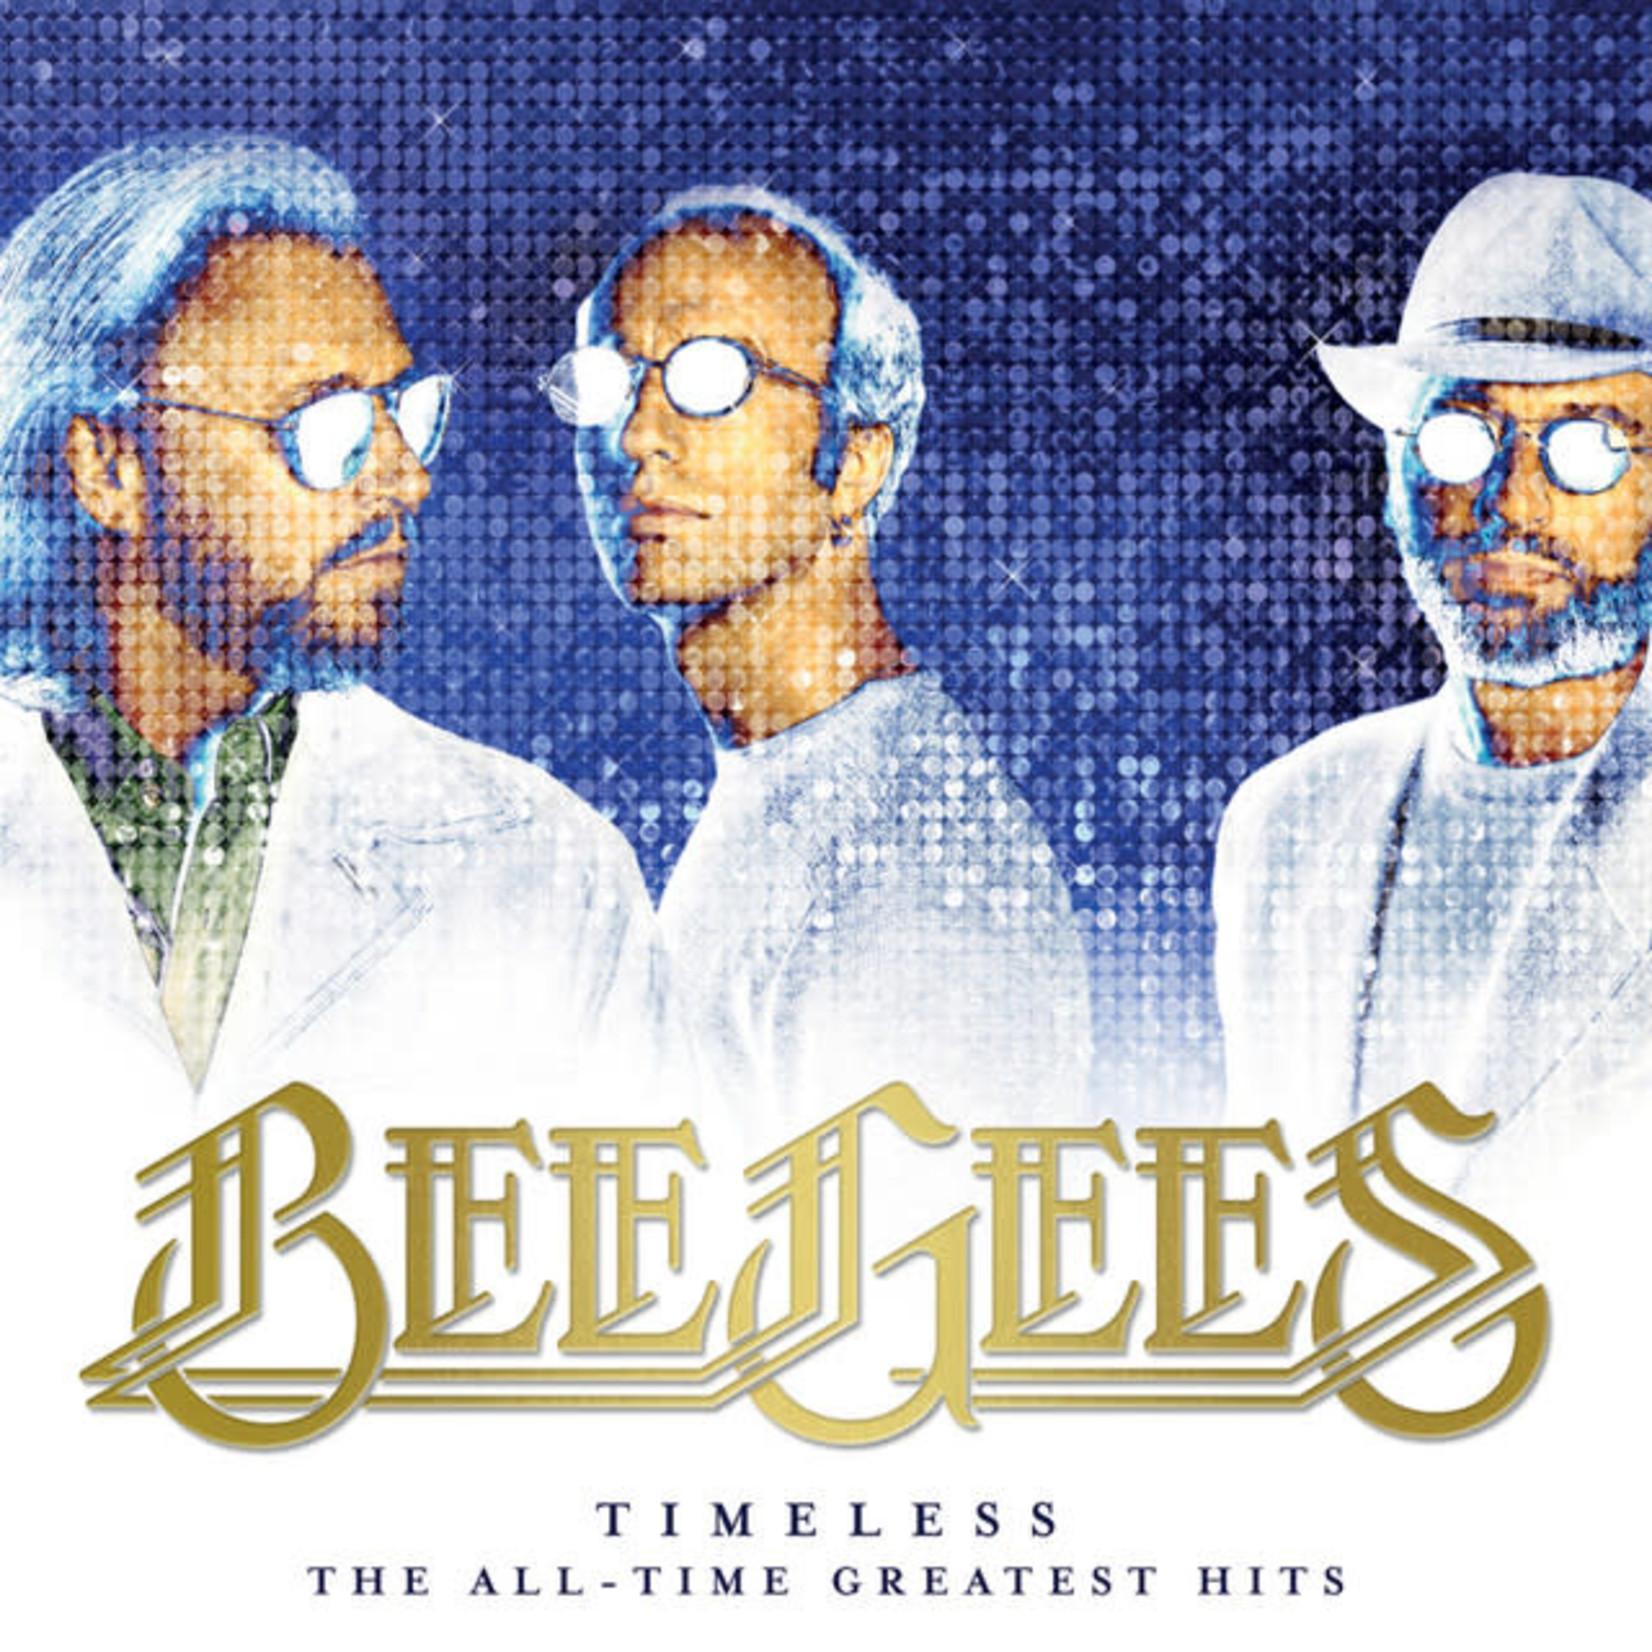 Vinyl Bee Gees - Timeless